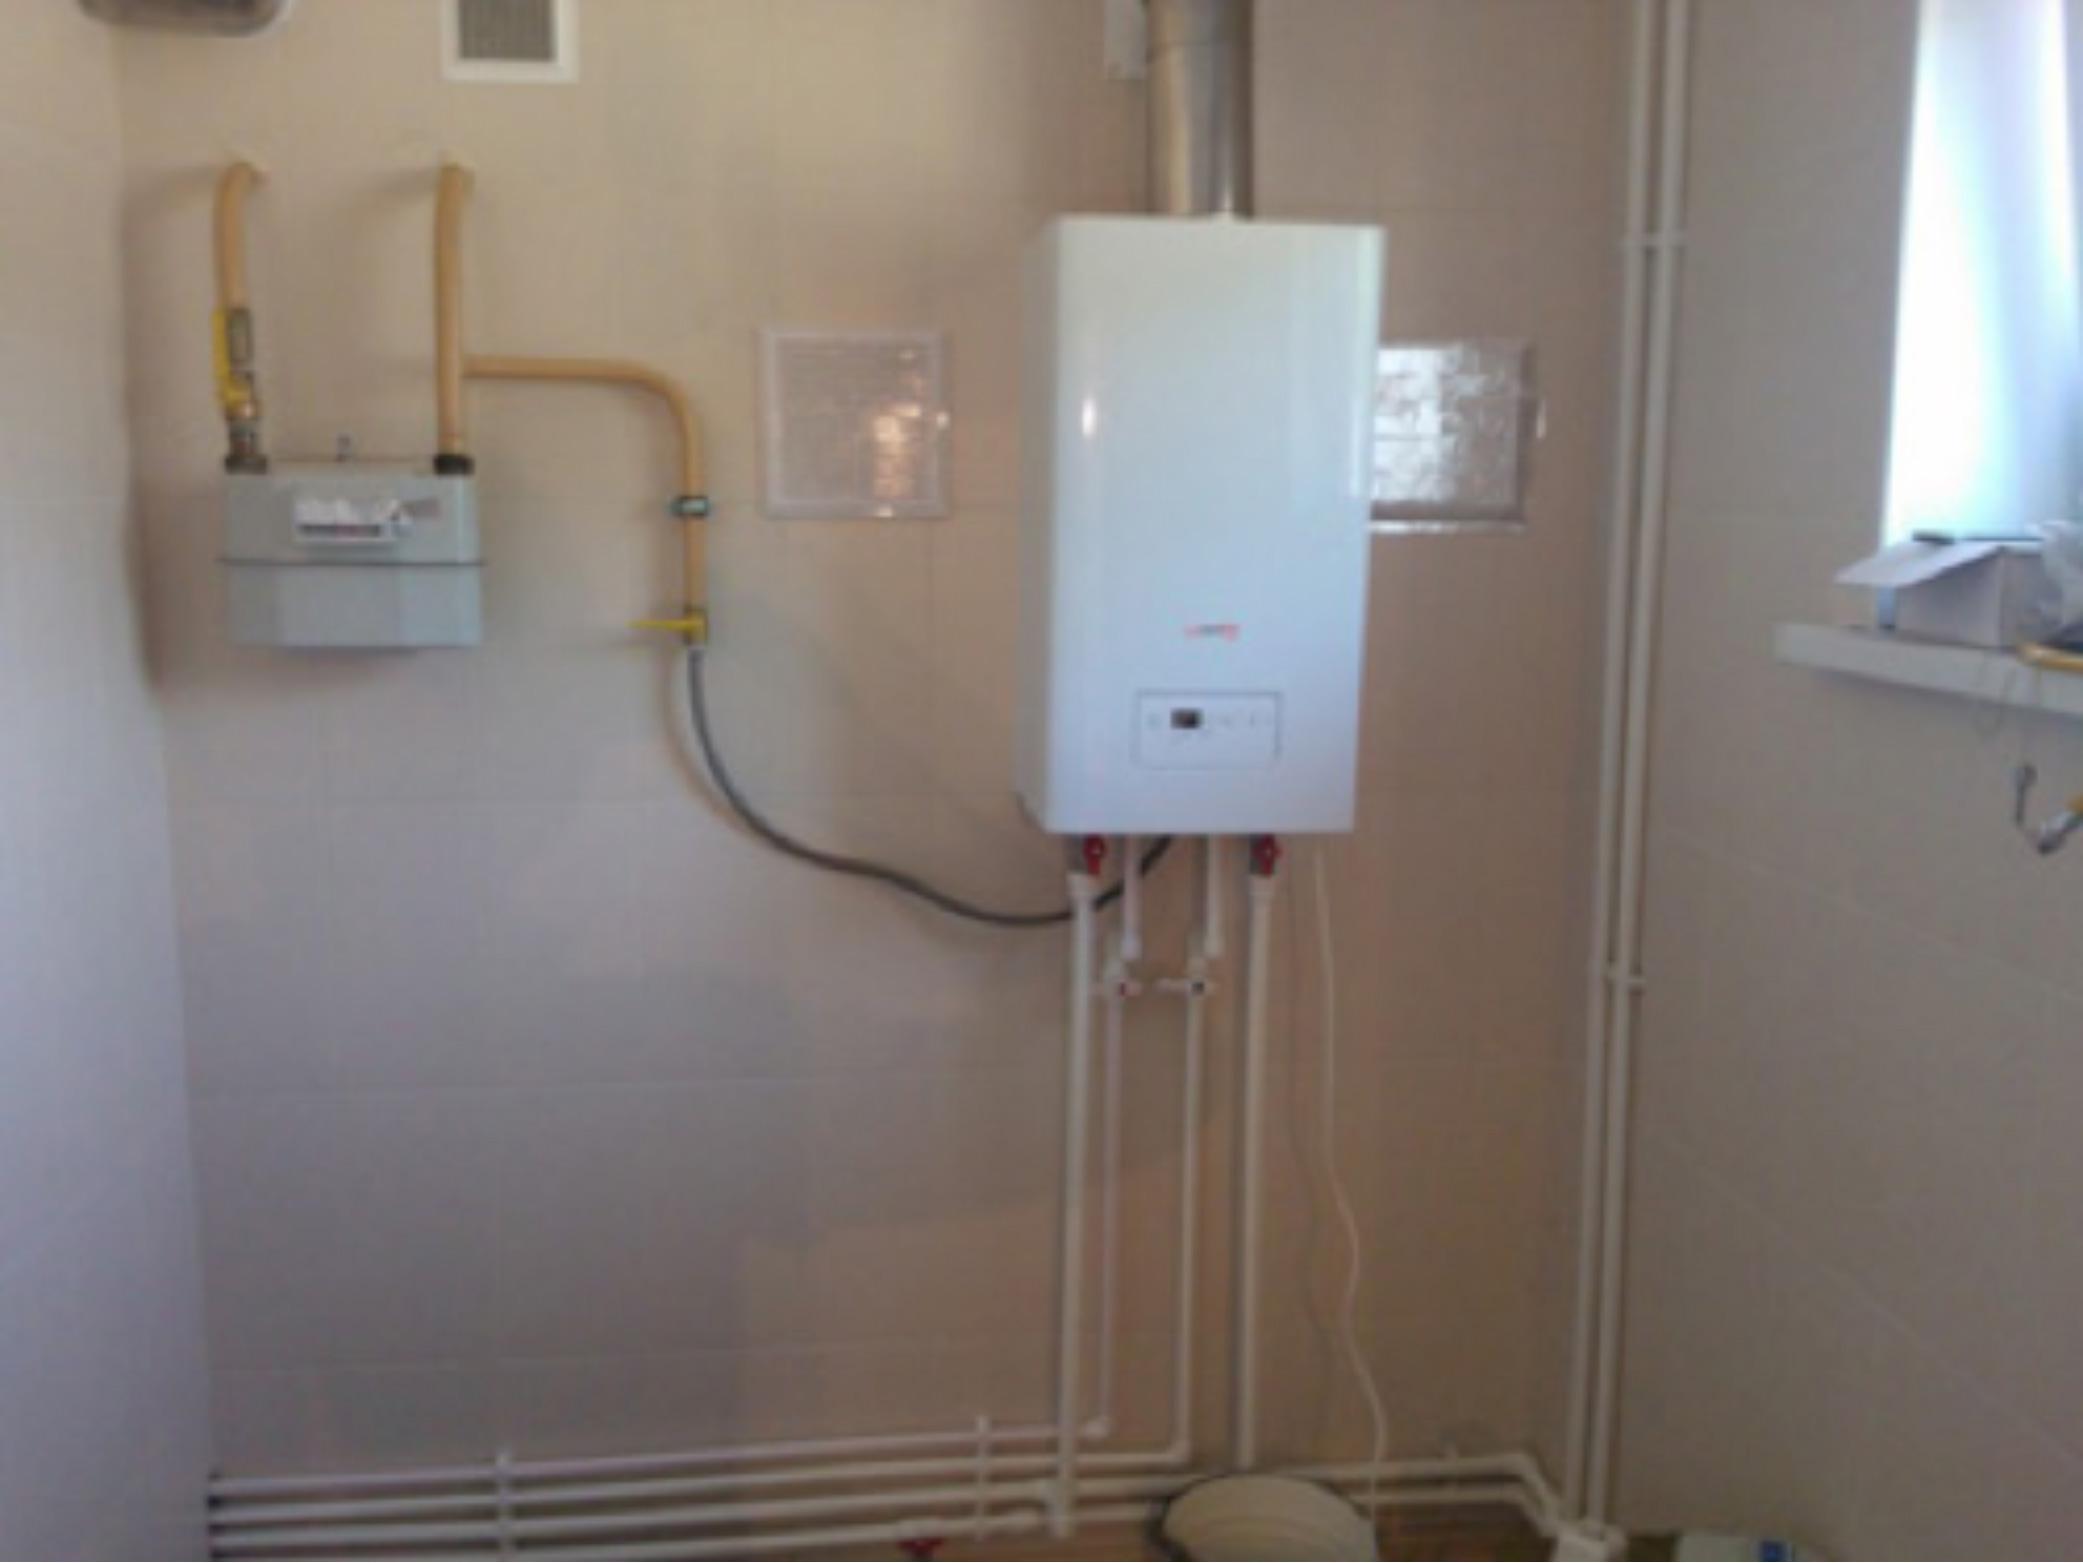 договор на обслуживание крышной газовой котельной в жилом доме